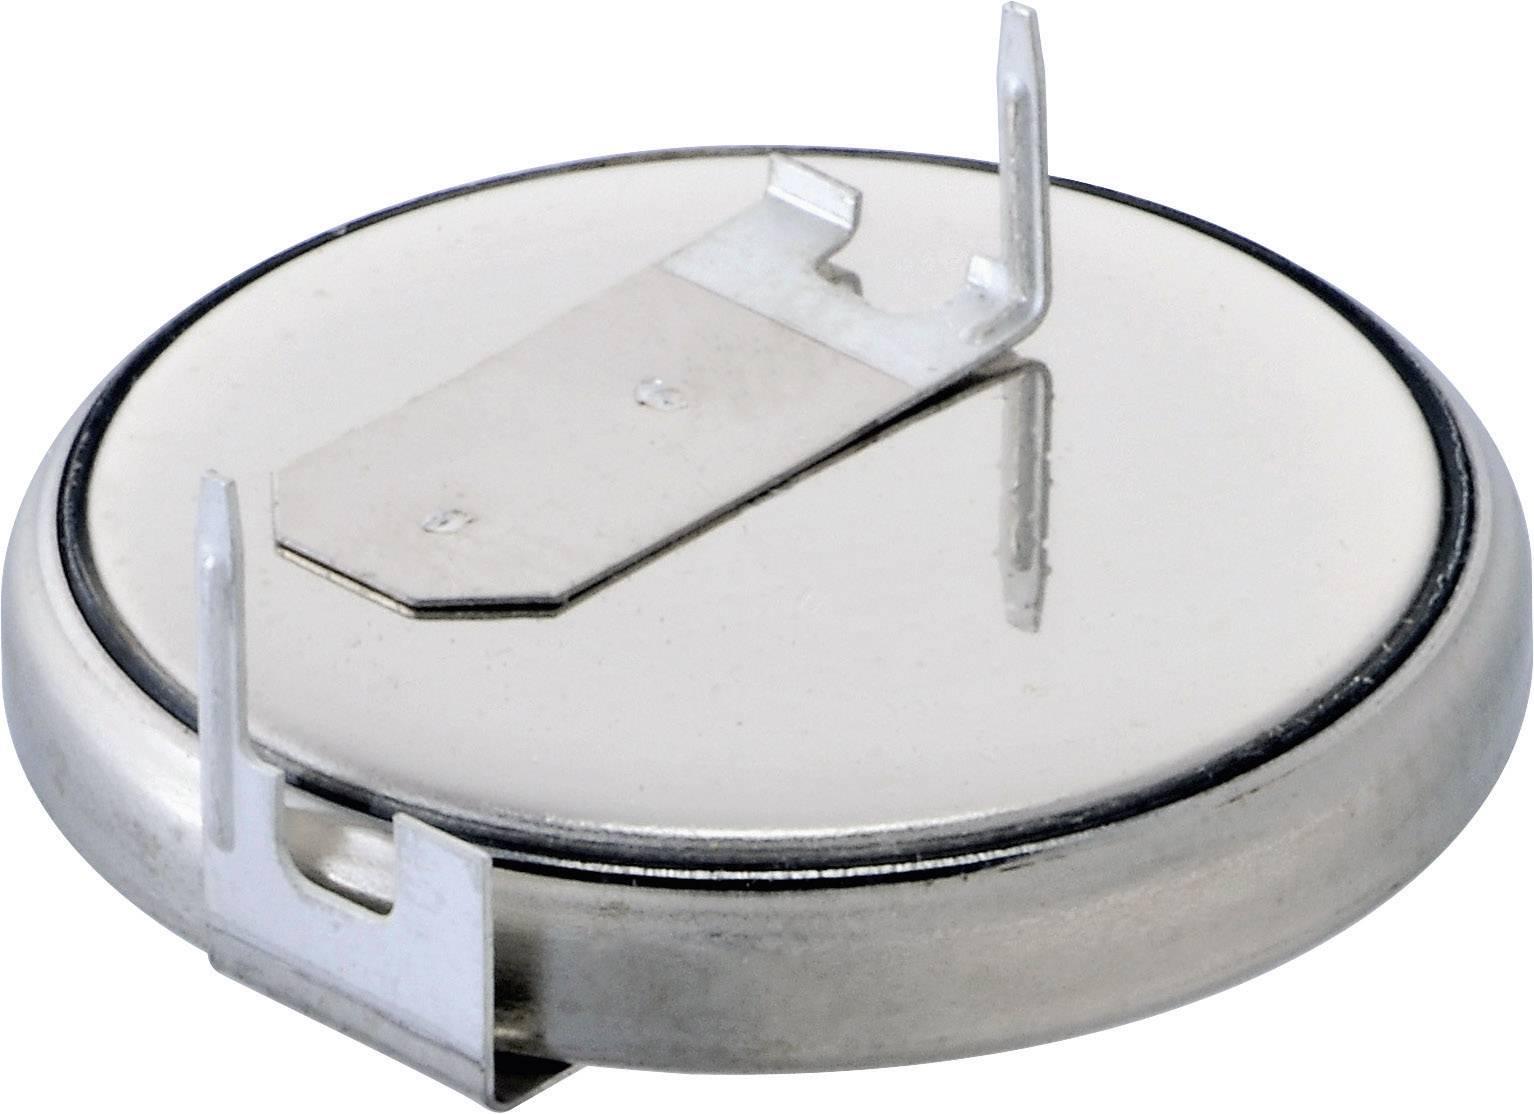 Gombíková batéria Renata CR2032 MFR-FH, so spájkovacími kontaktami